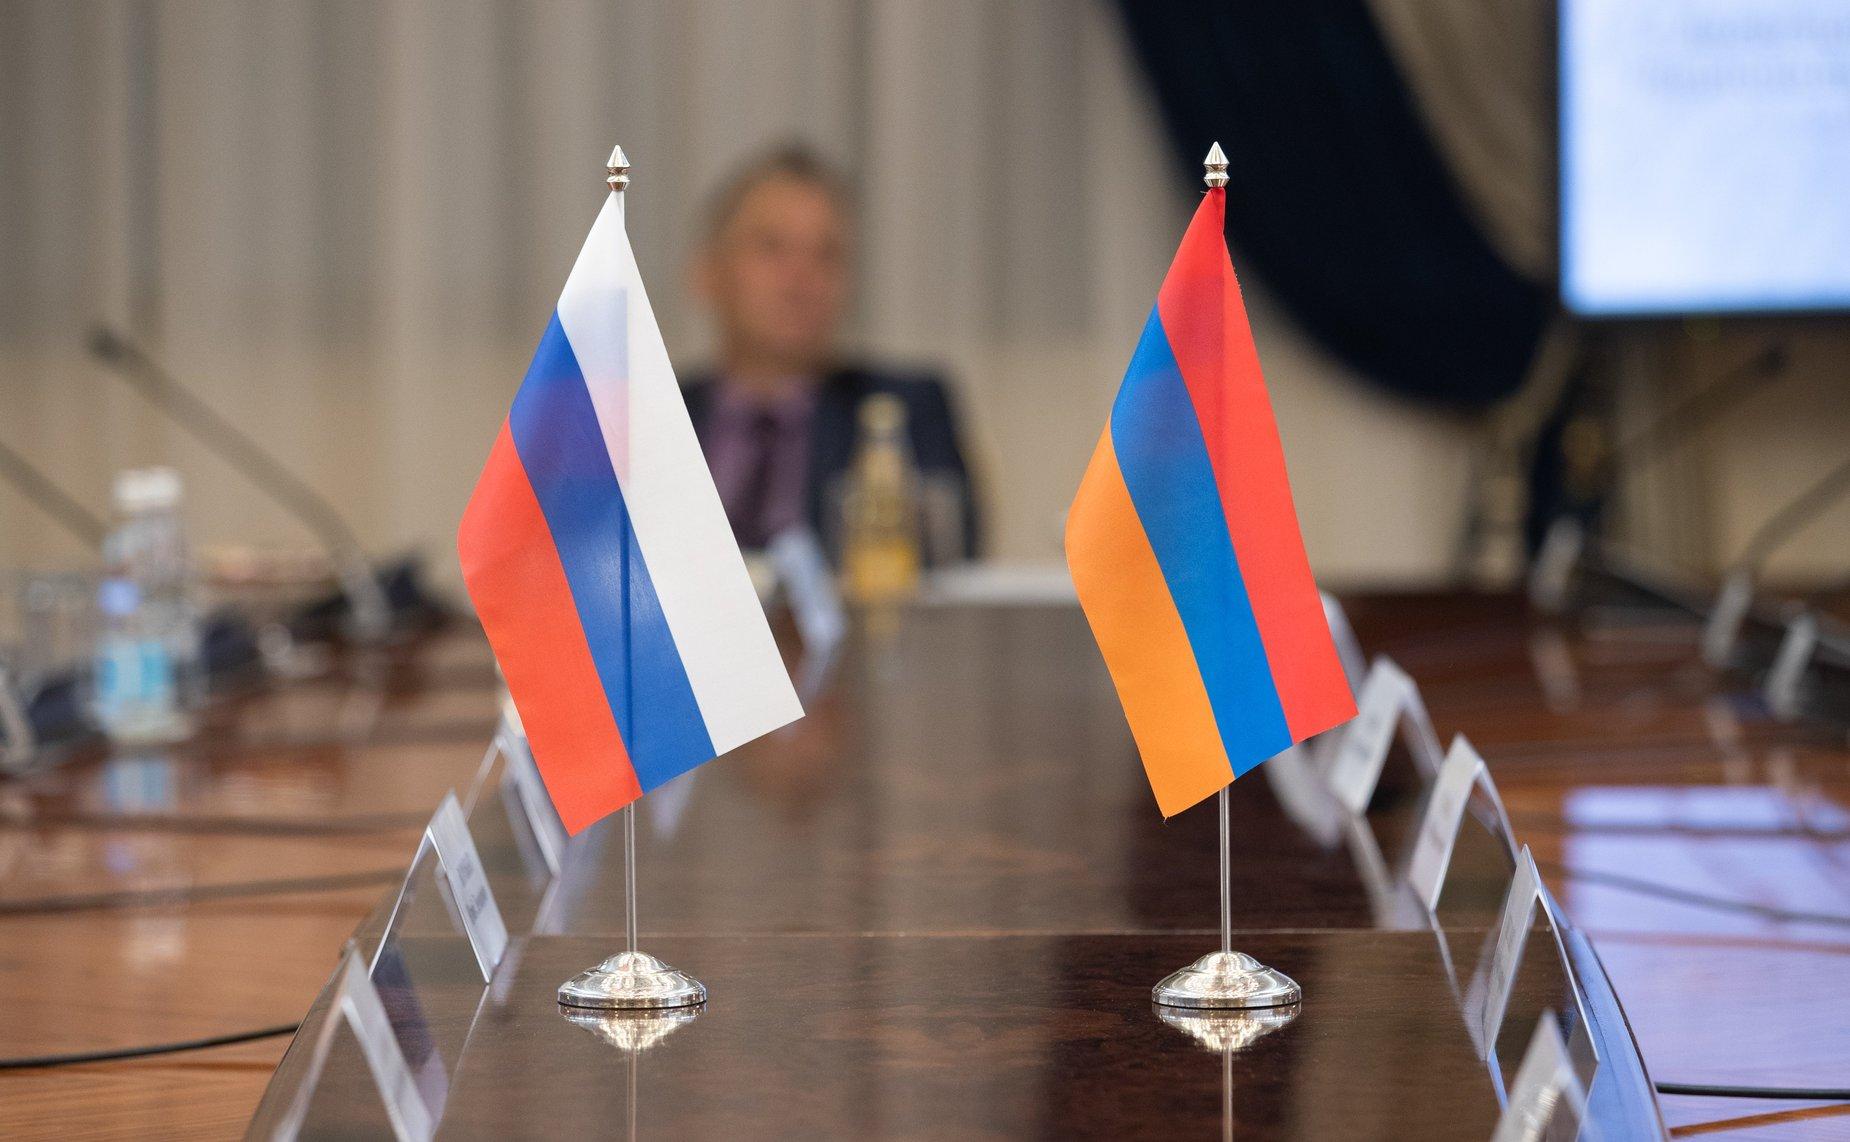 Не имея альтернативы, Россия делает ставку на находящегося в боевом положении премьер-министра Армении Пашиняна